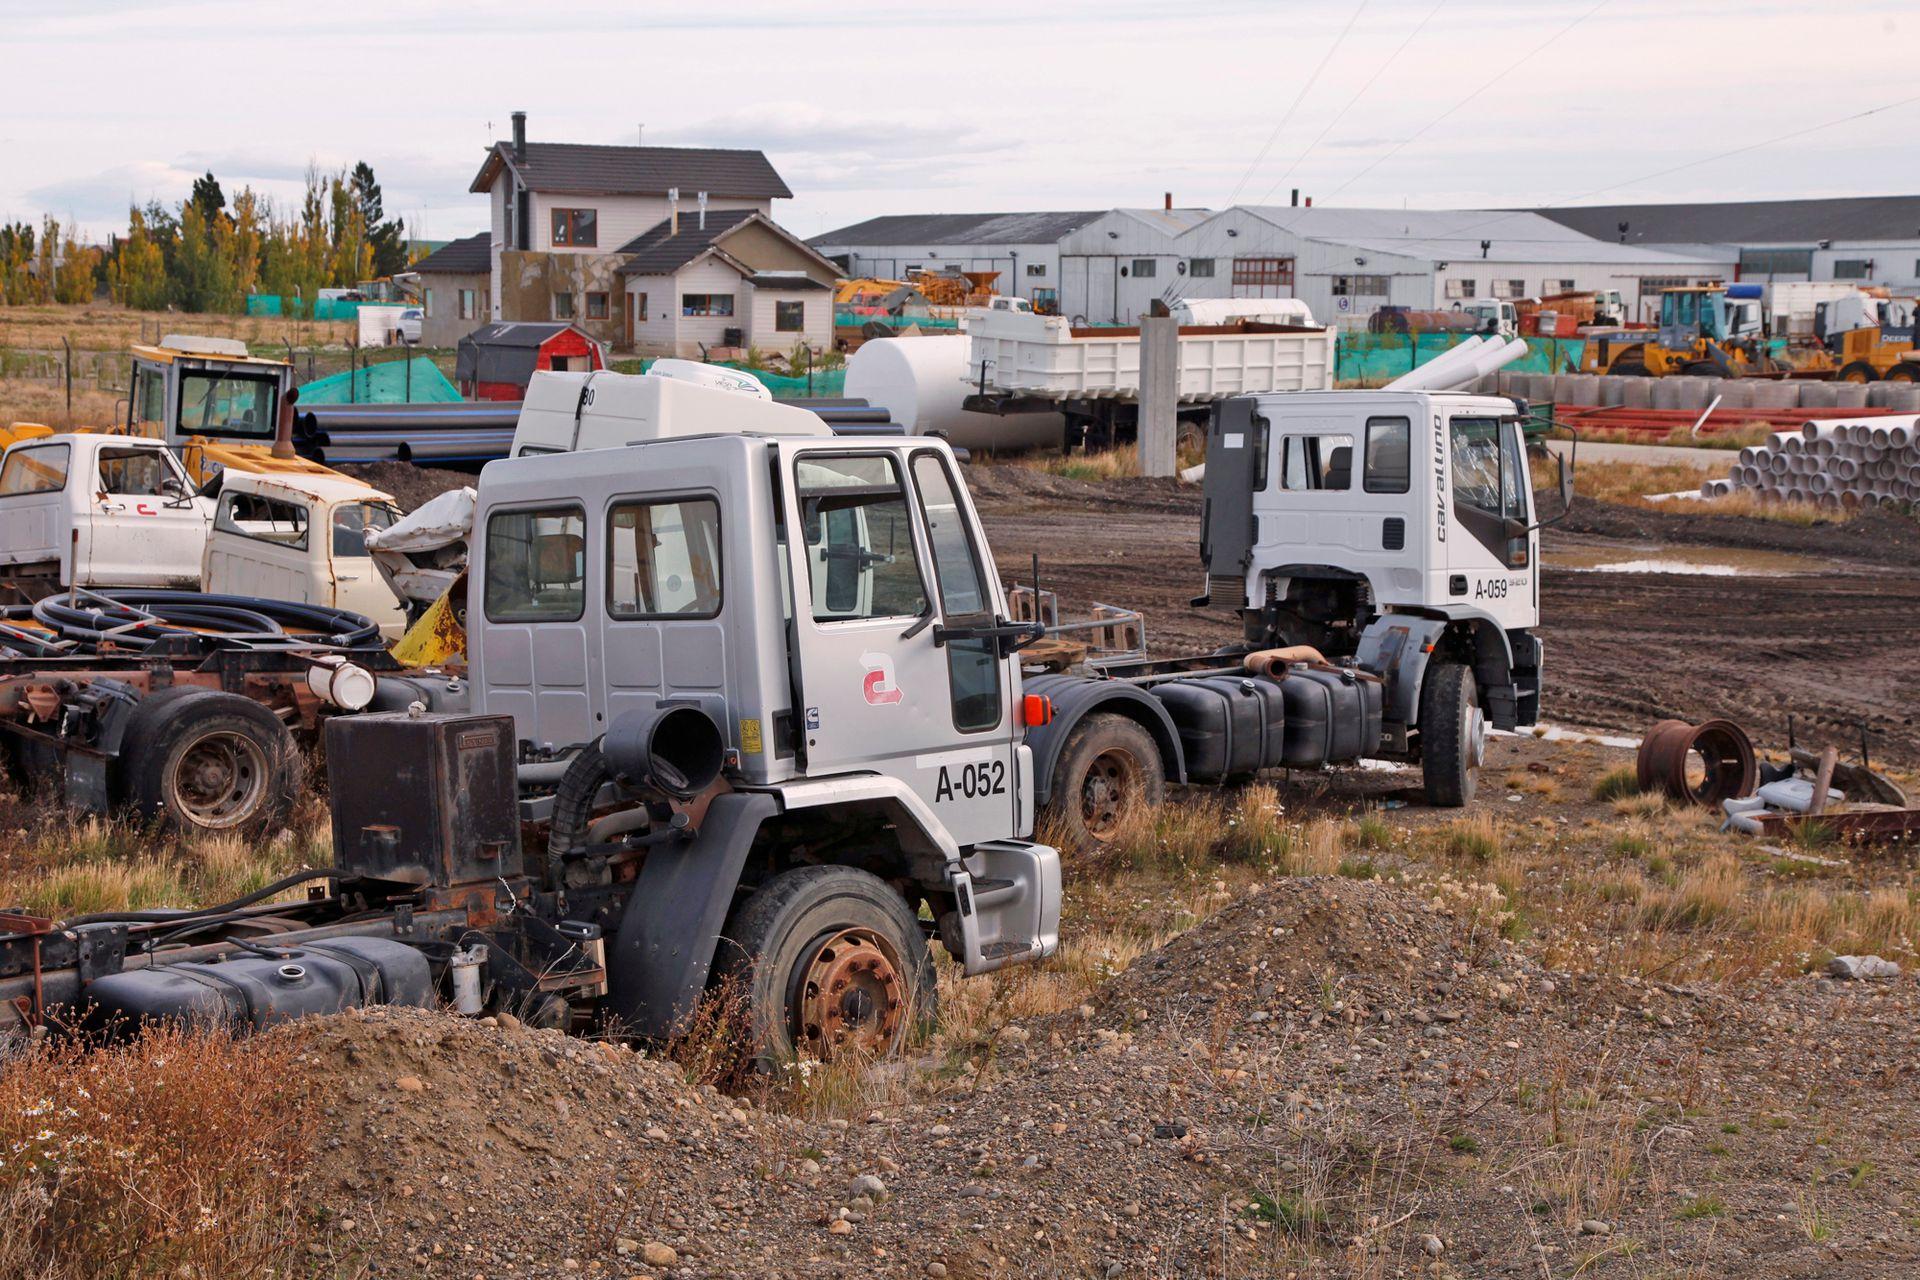 Muchos de los camiones son casi nuevos y se deterioran con el paso del tiempo